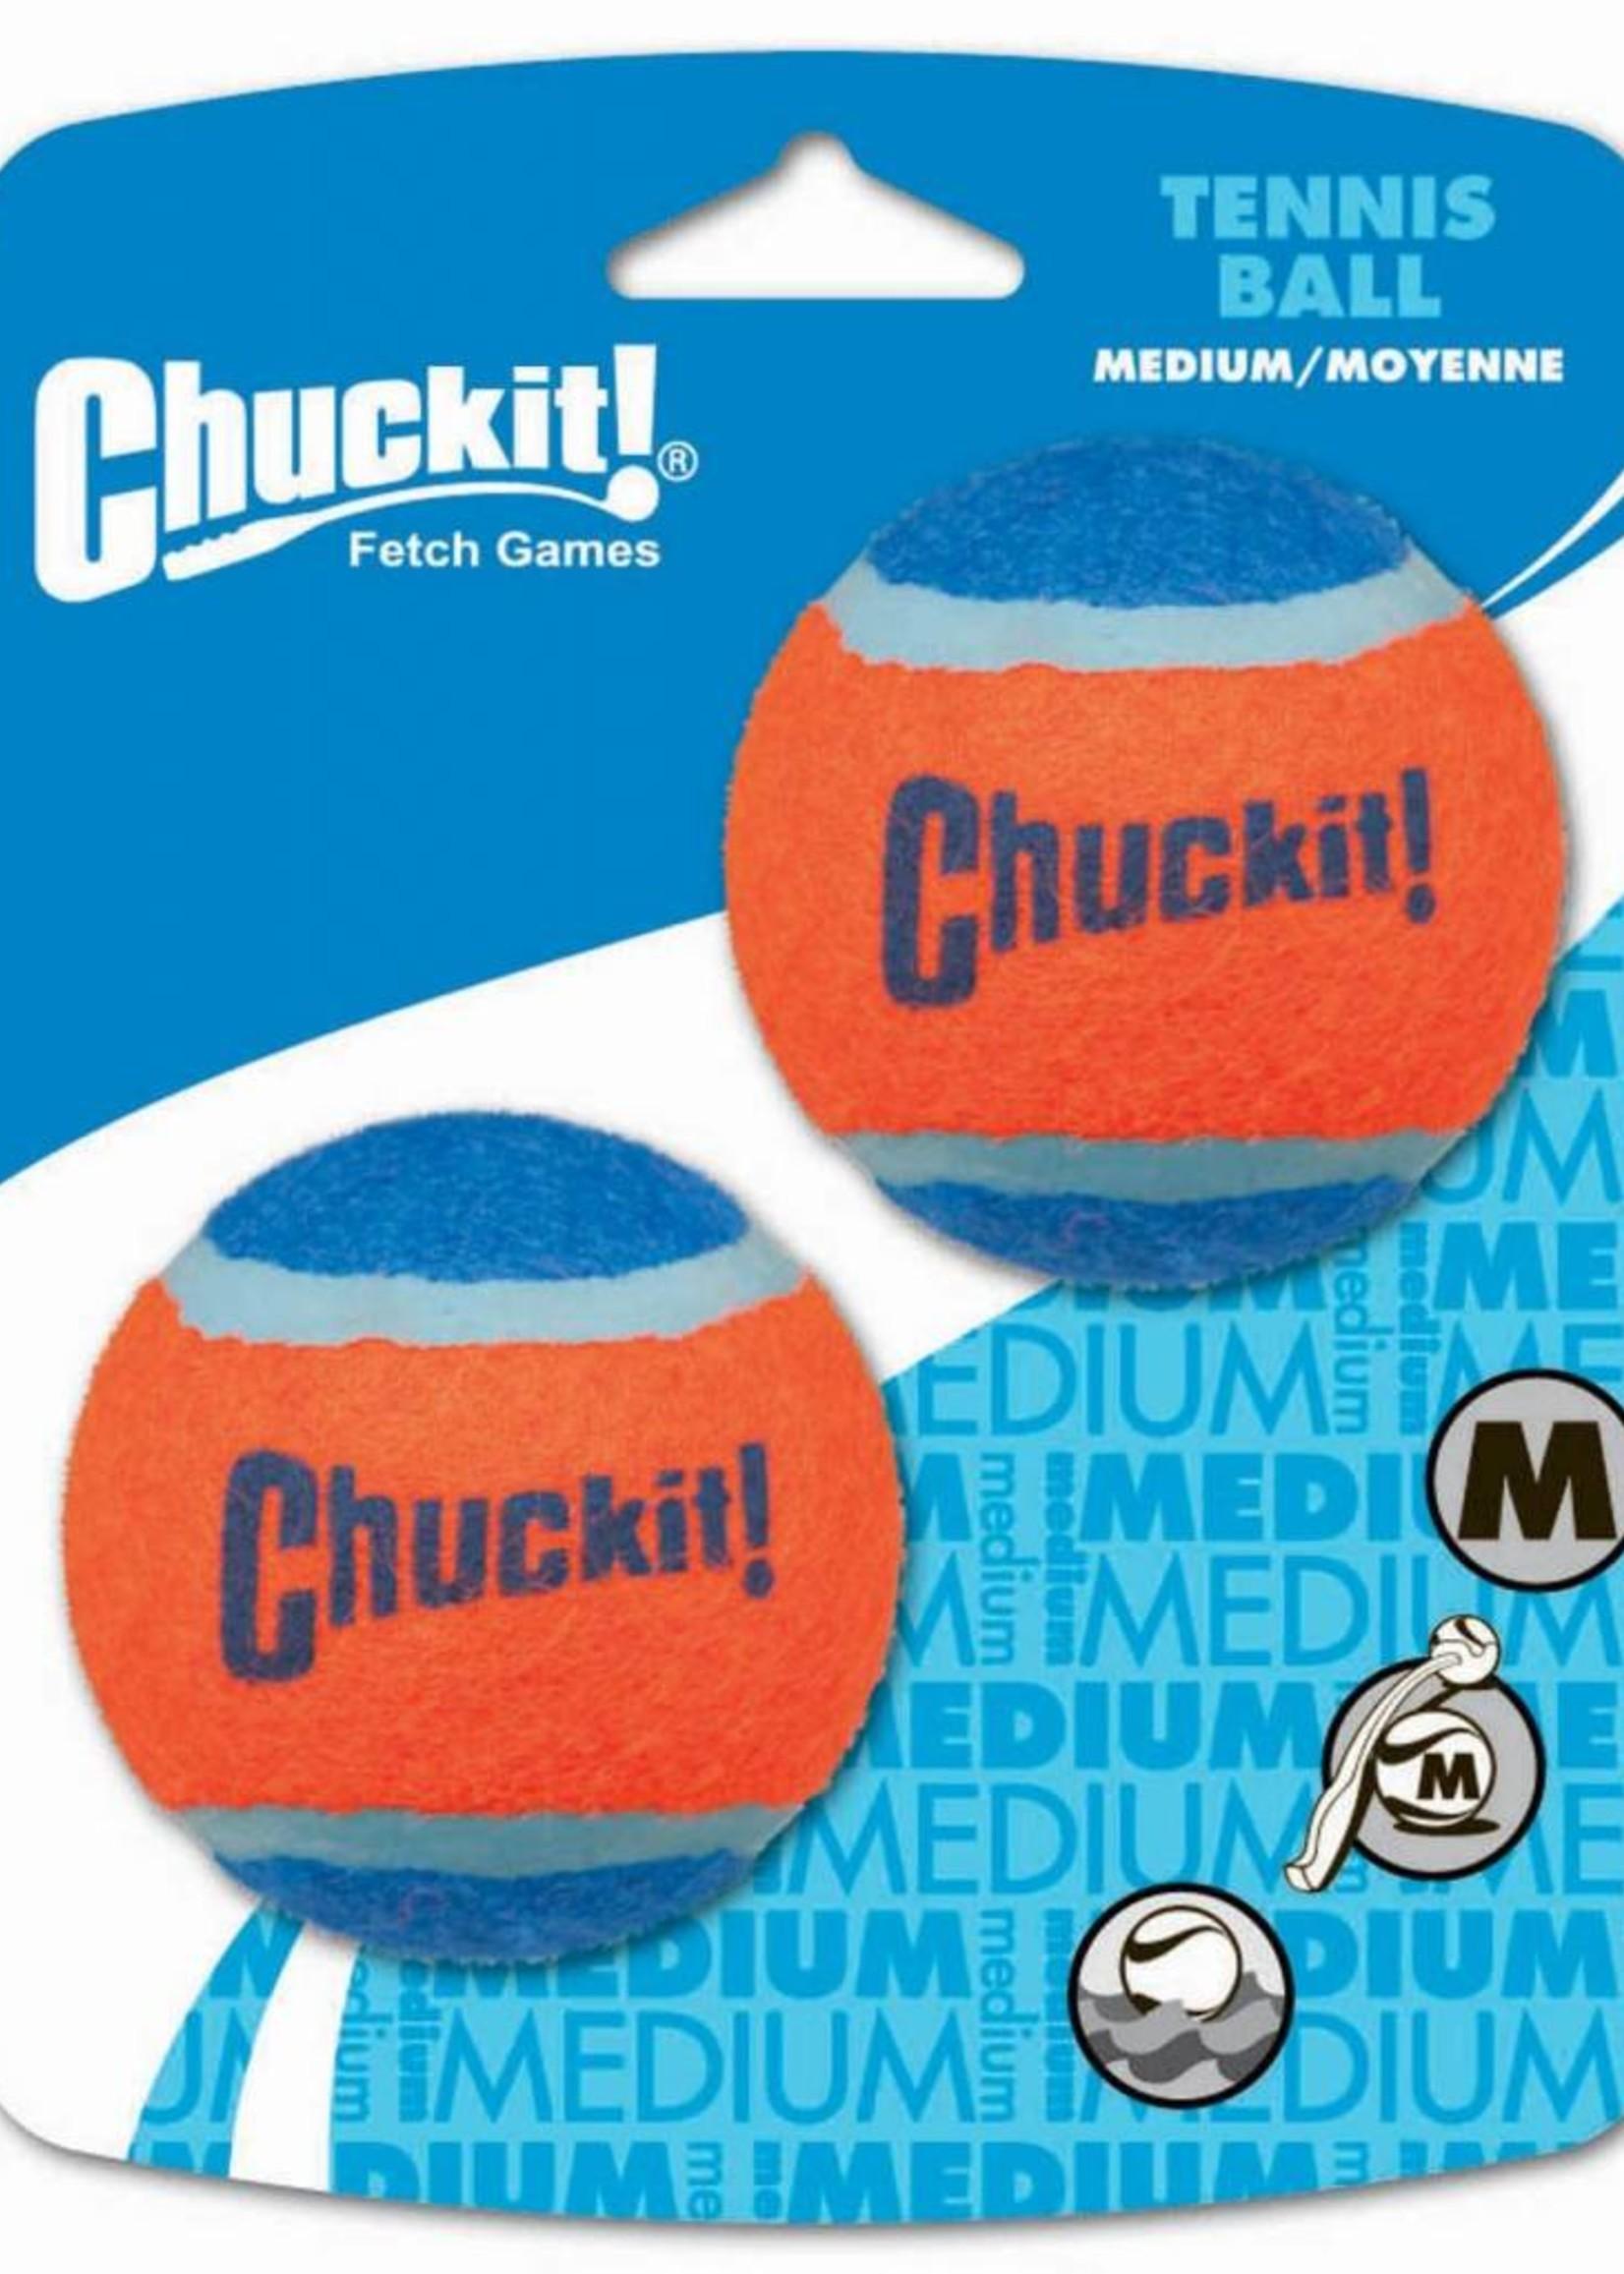 Chuckit! Chuckit! Tennis Ball Med 2pk